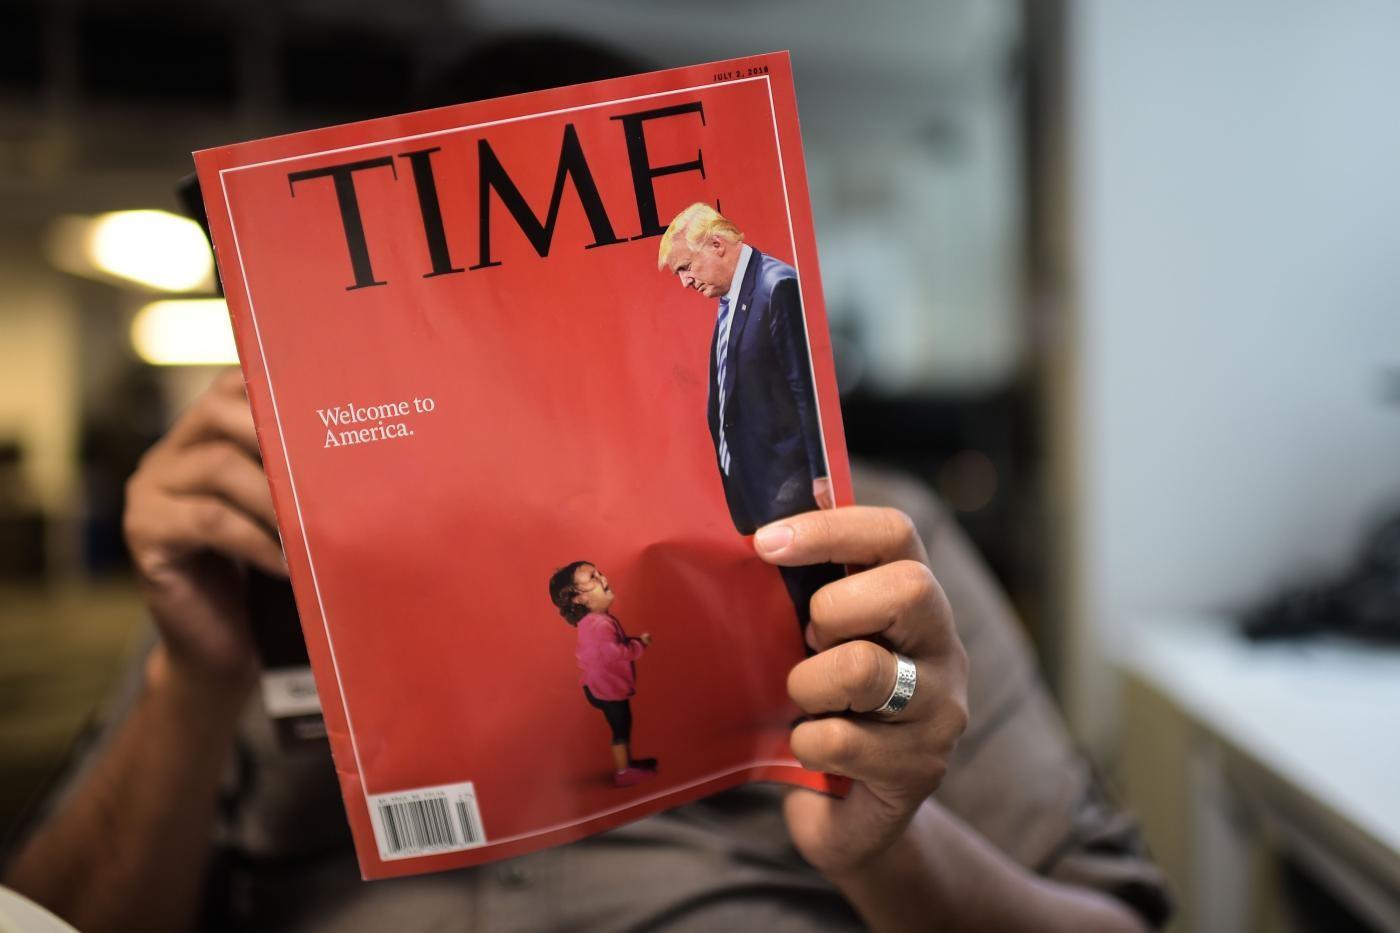 Usa, il numero uno di Salesforce compra la rivista Time per 190 milioni